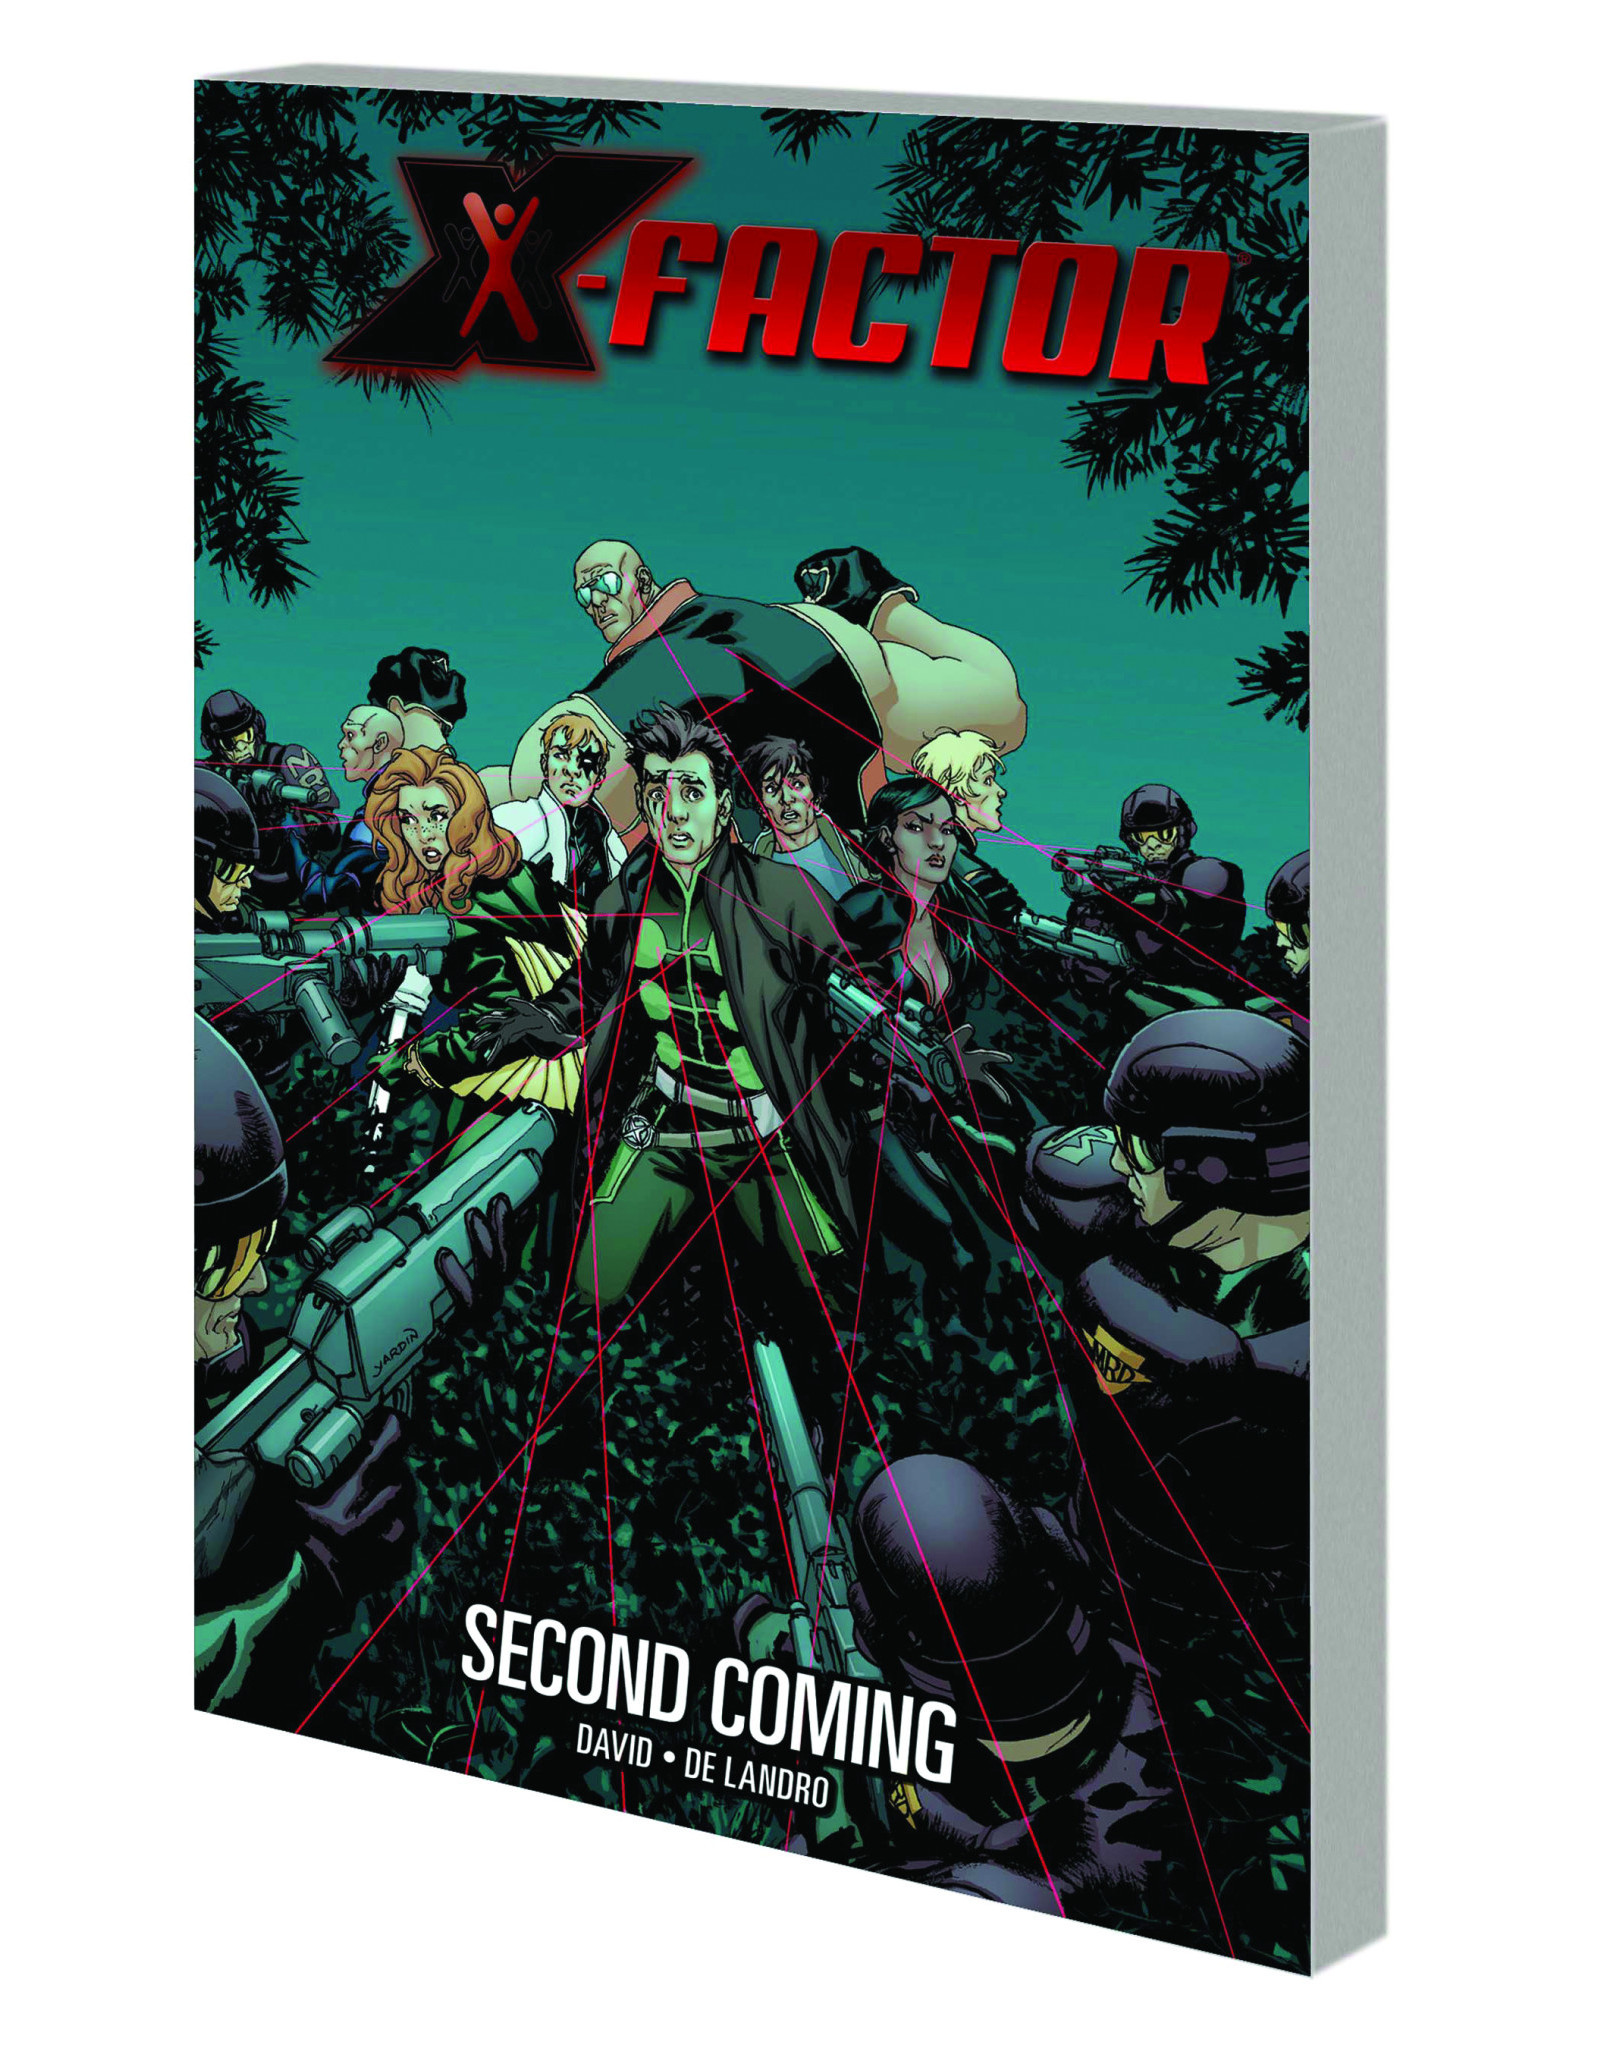 MARVEL COMICS X-FACTOR TP VOL 10 SECOND COMING